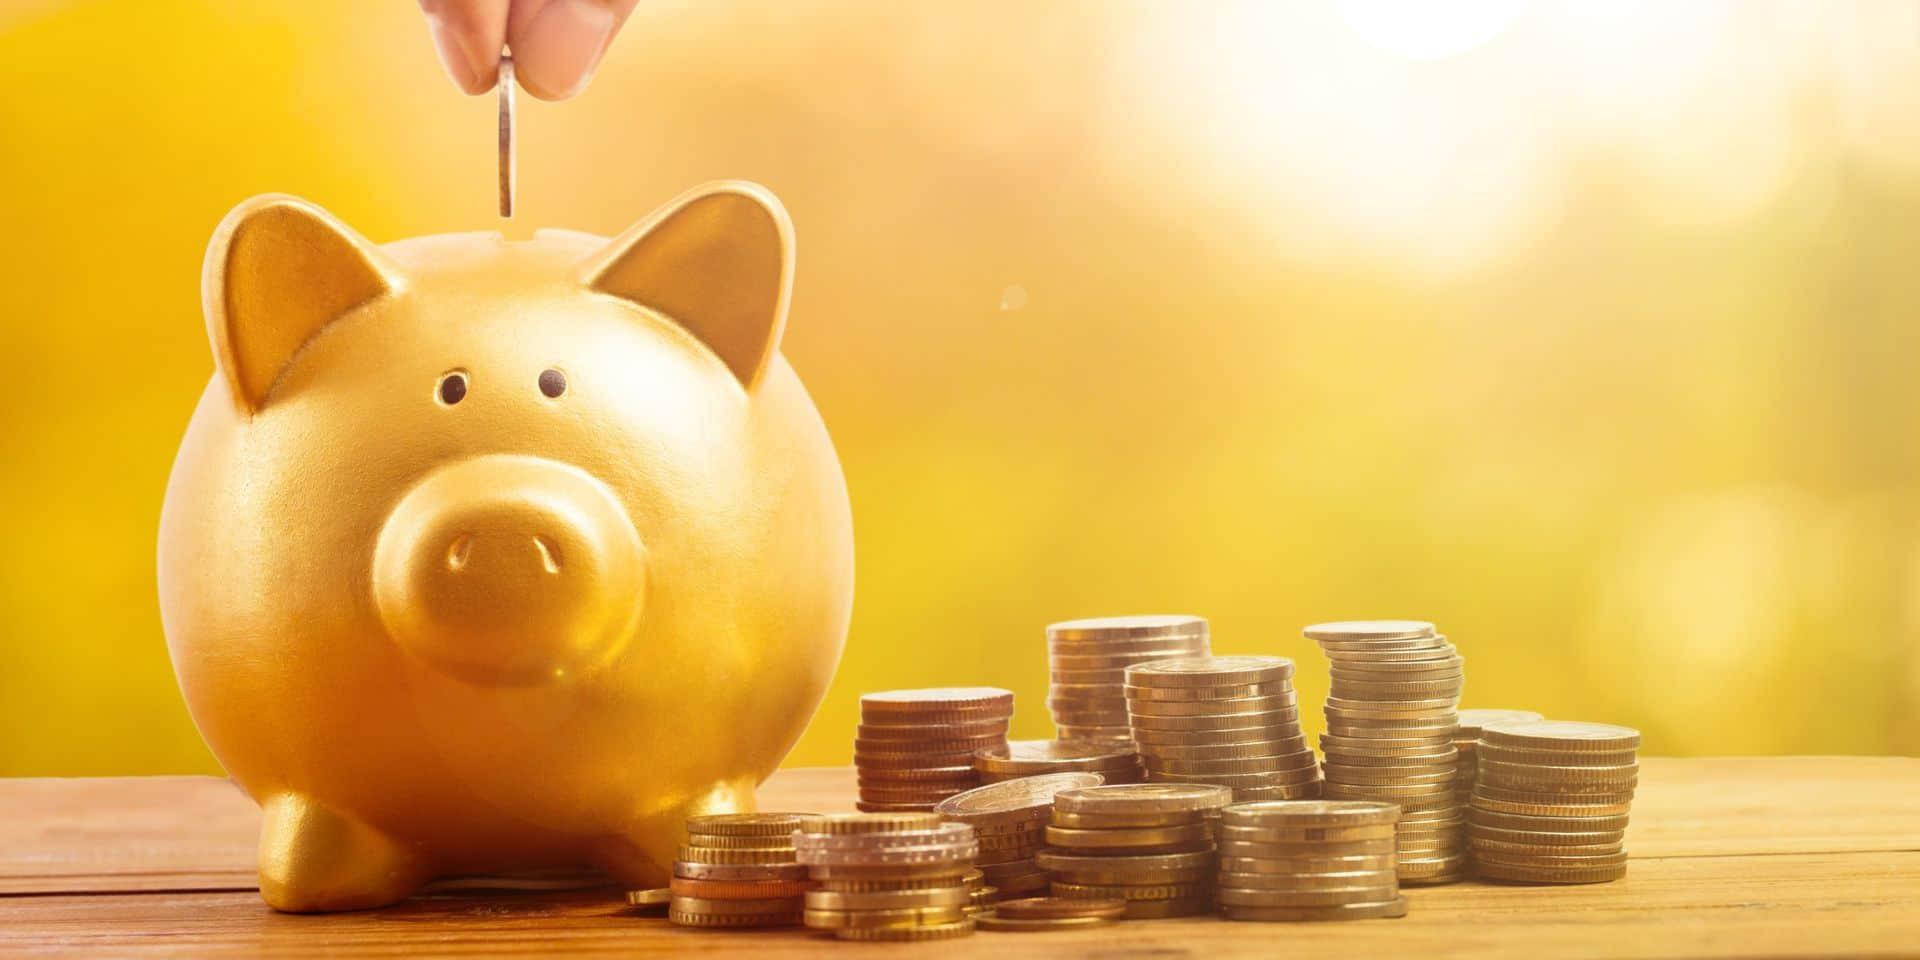 Les comptes épargne atteignent un nouveau record